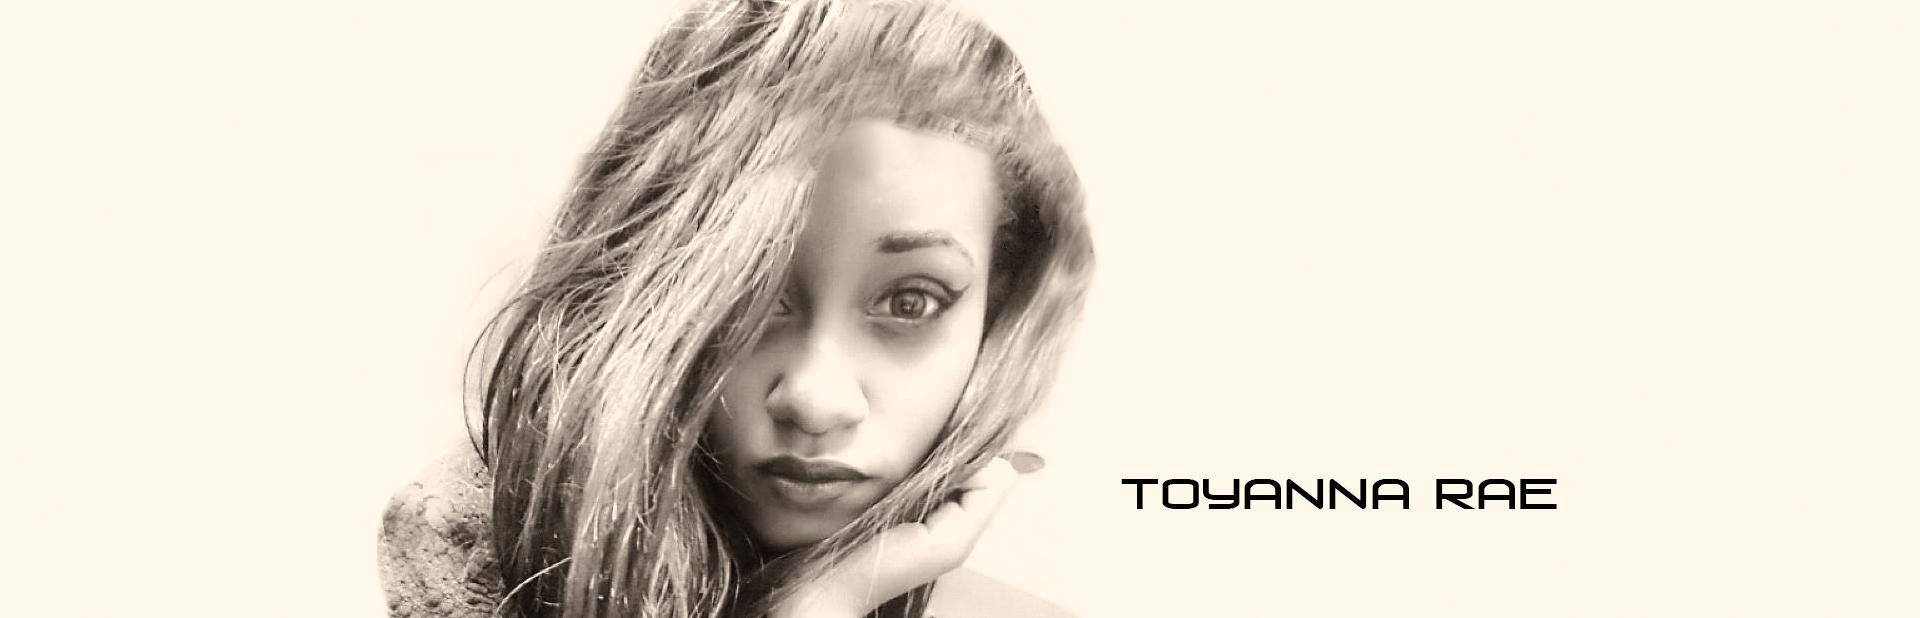 Toyanna-Rae-3